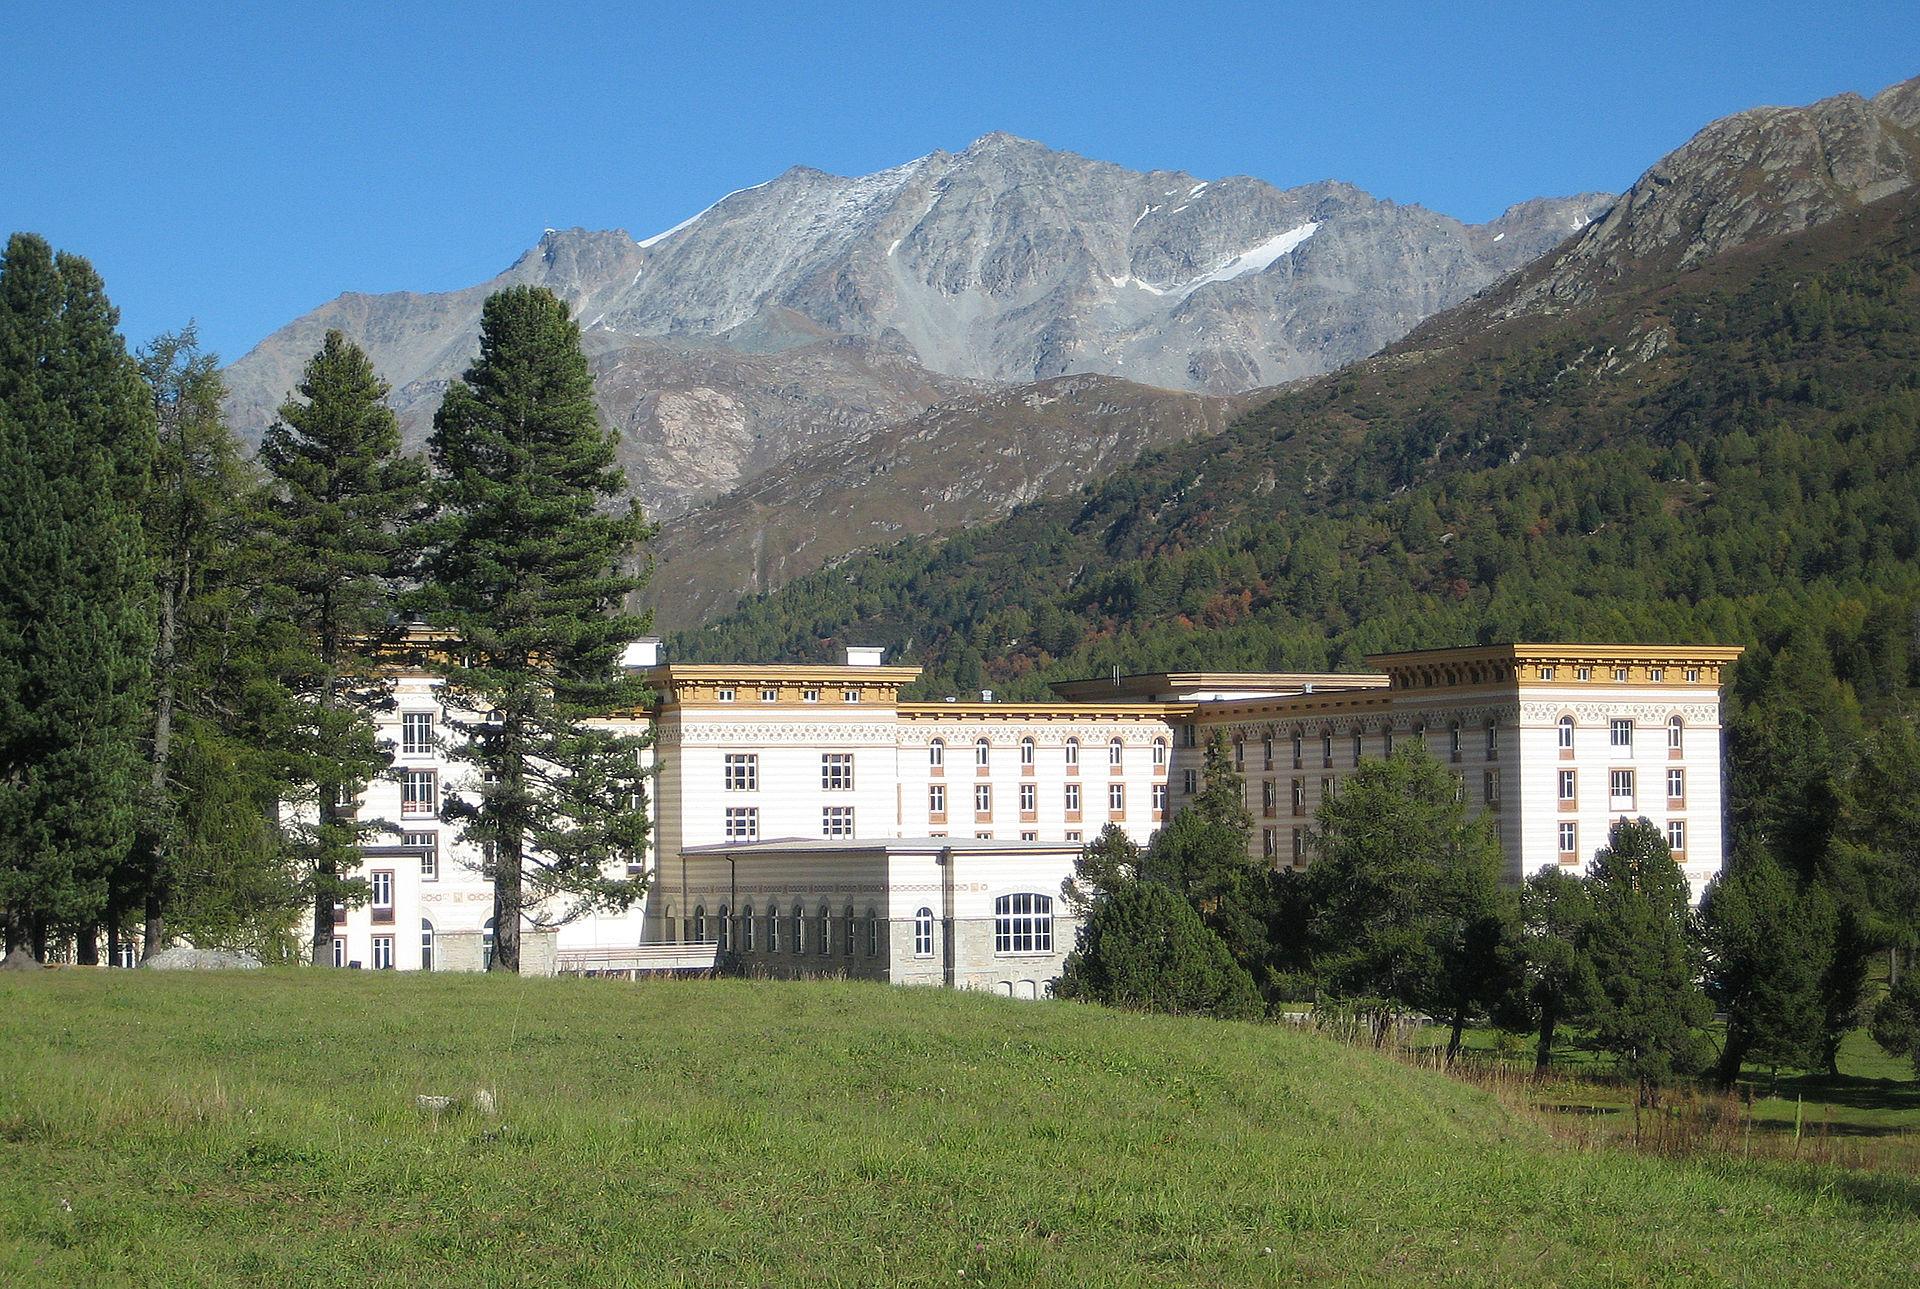 Hotel Palace Maloja